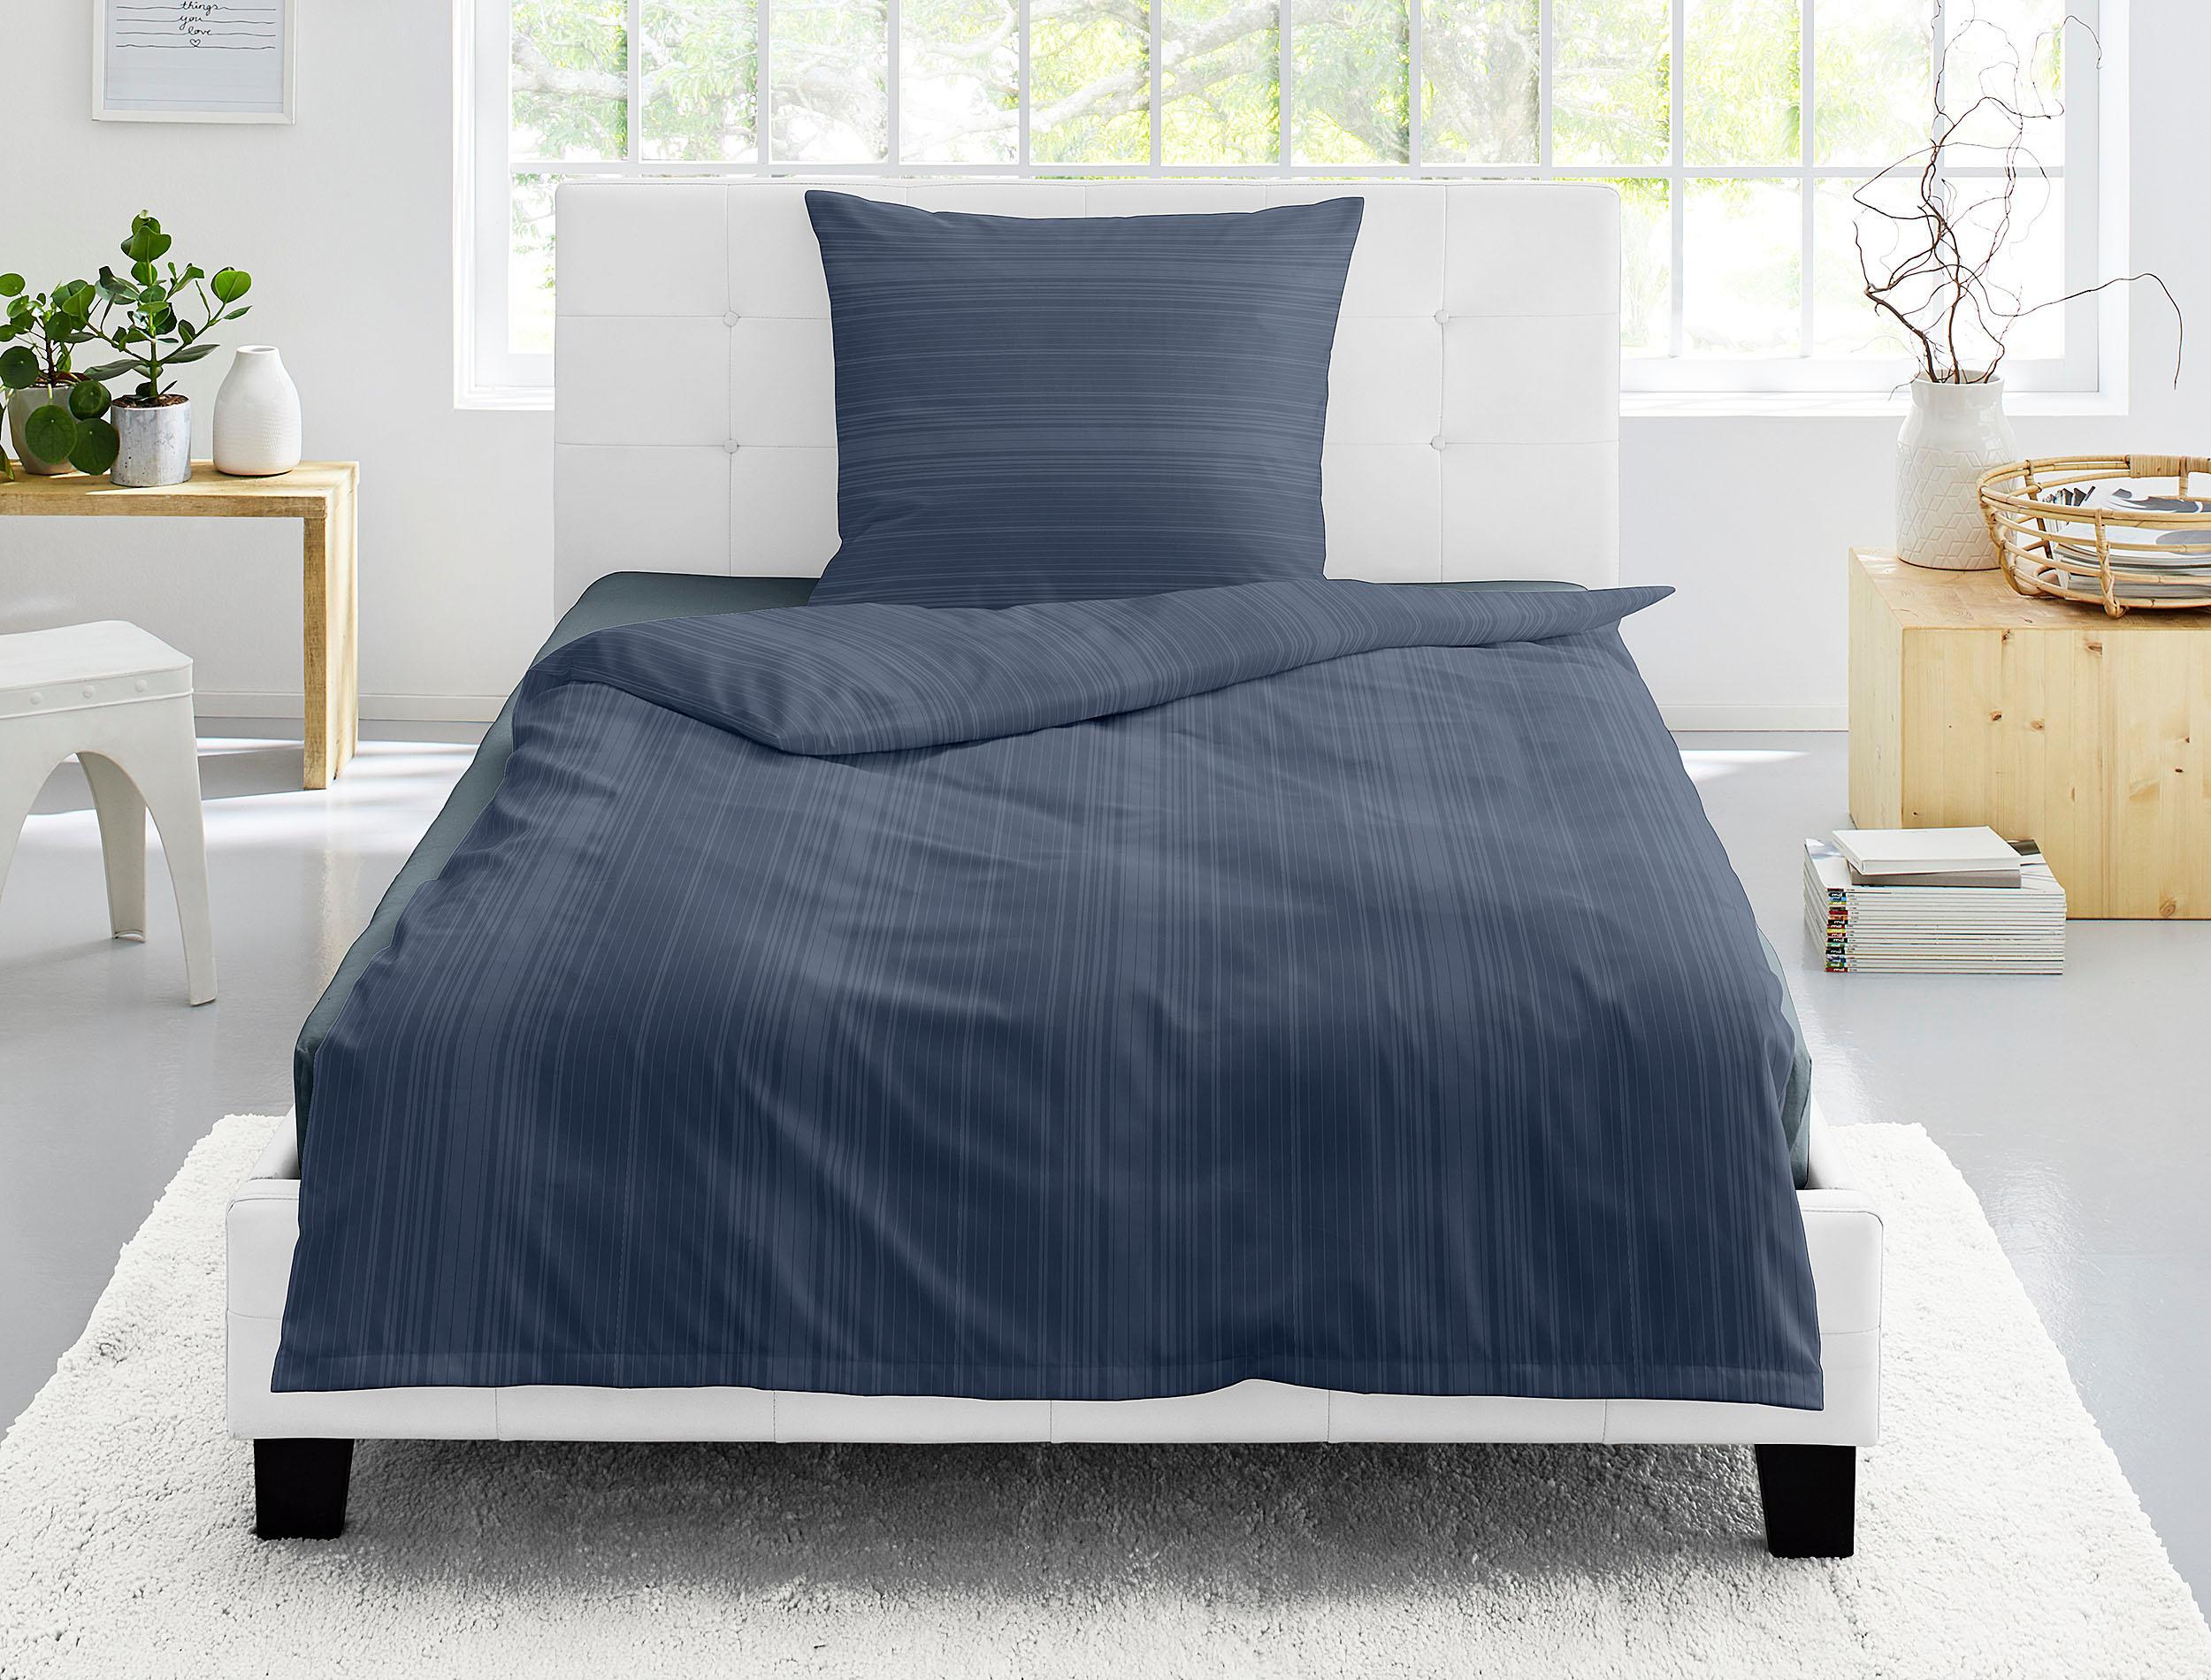 witt bettw sche bodenbel ge schlafzimmer g nstige kleiderschr nke ikea h ngeleuchte elektrosmog. Black Bedroom Furniture Sets. Home Design Ideas